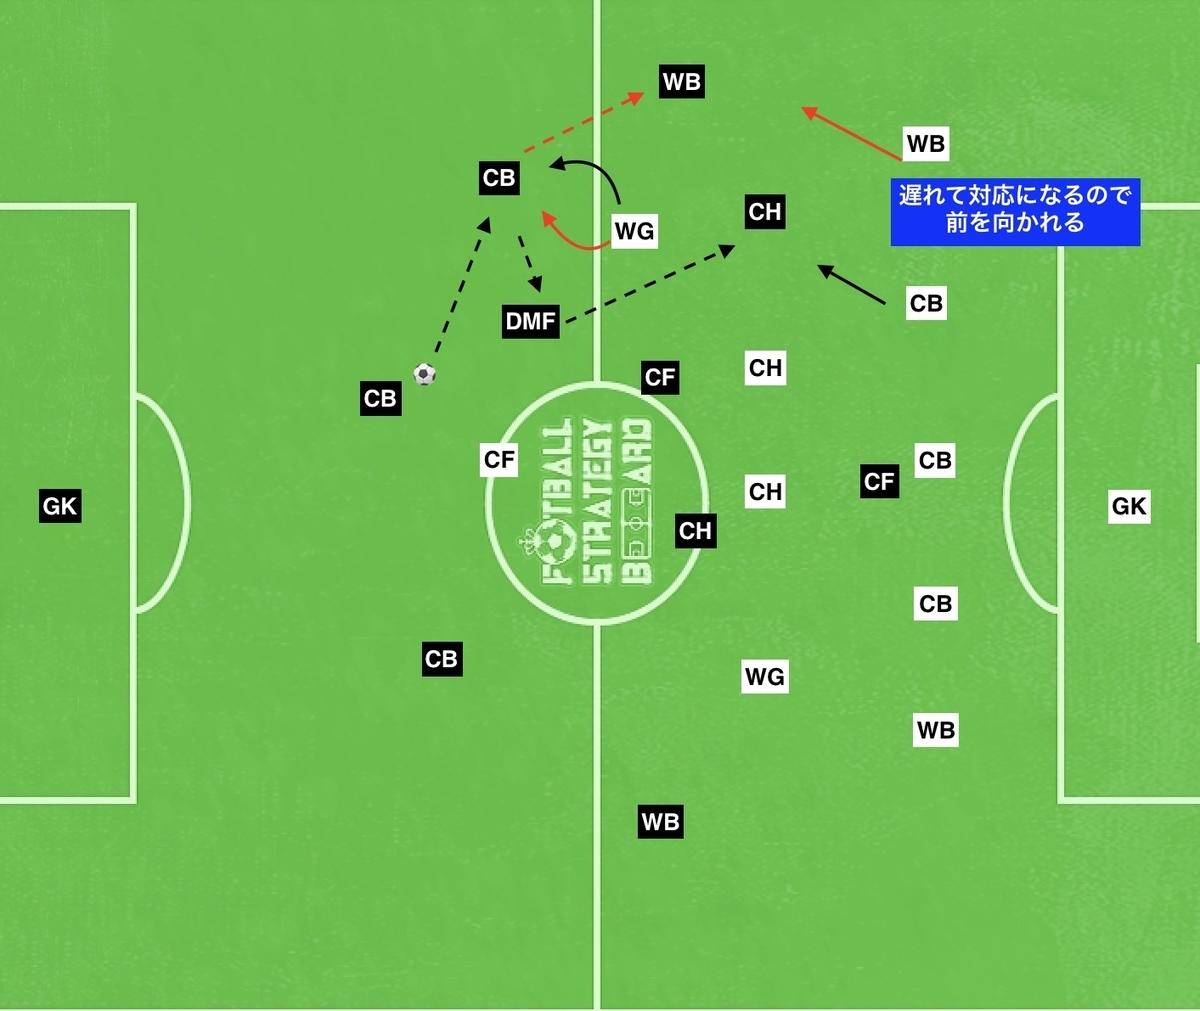 f:id:football-analyst:20190723102438j:plain